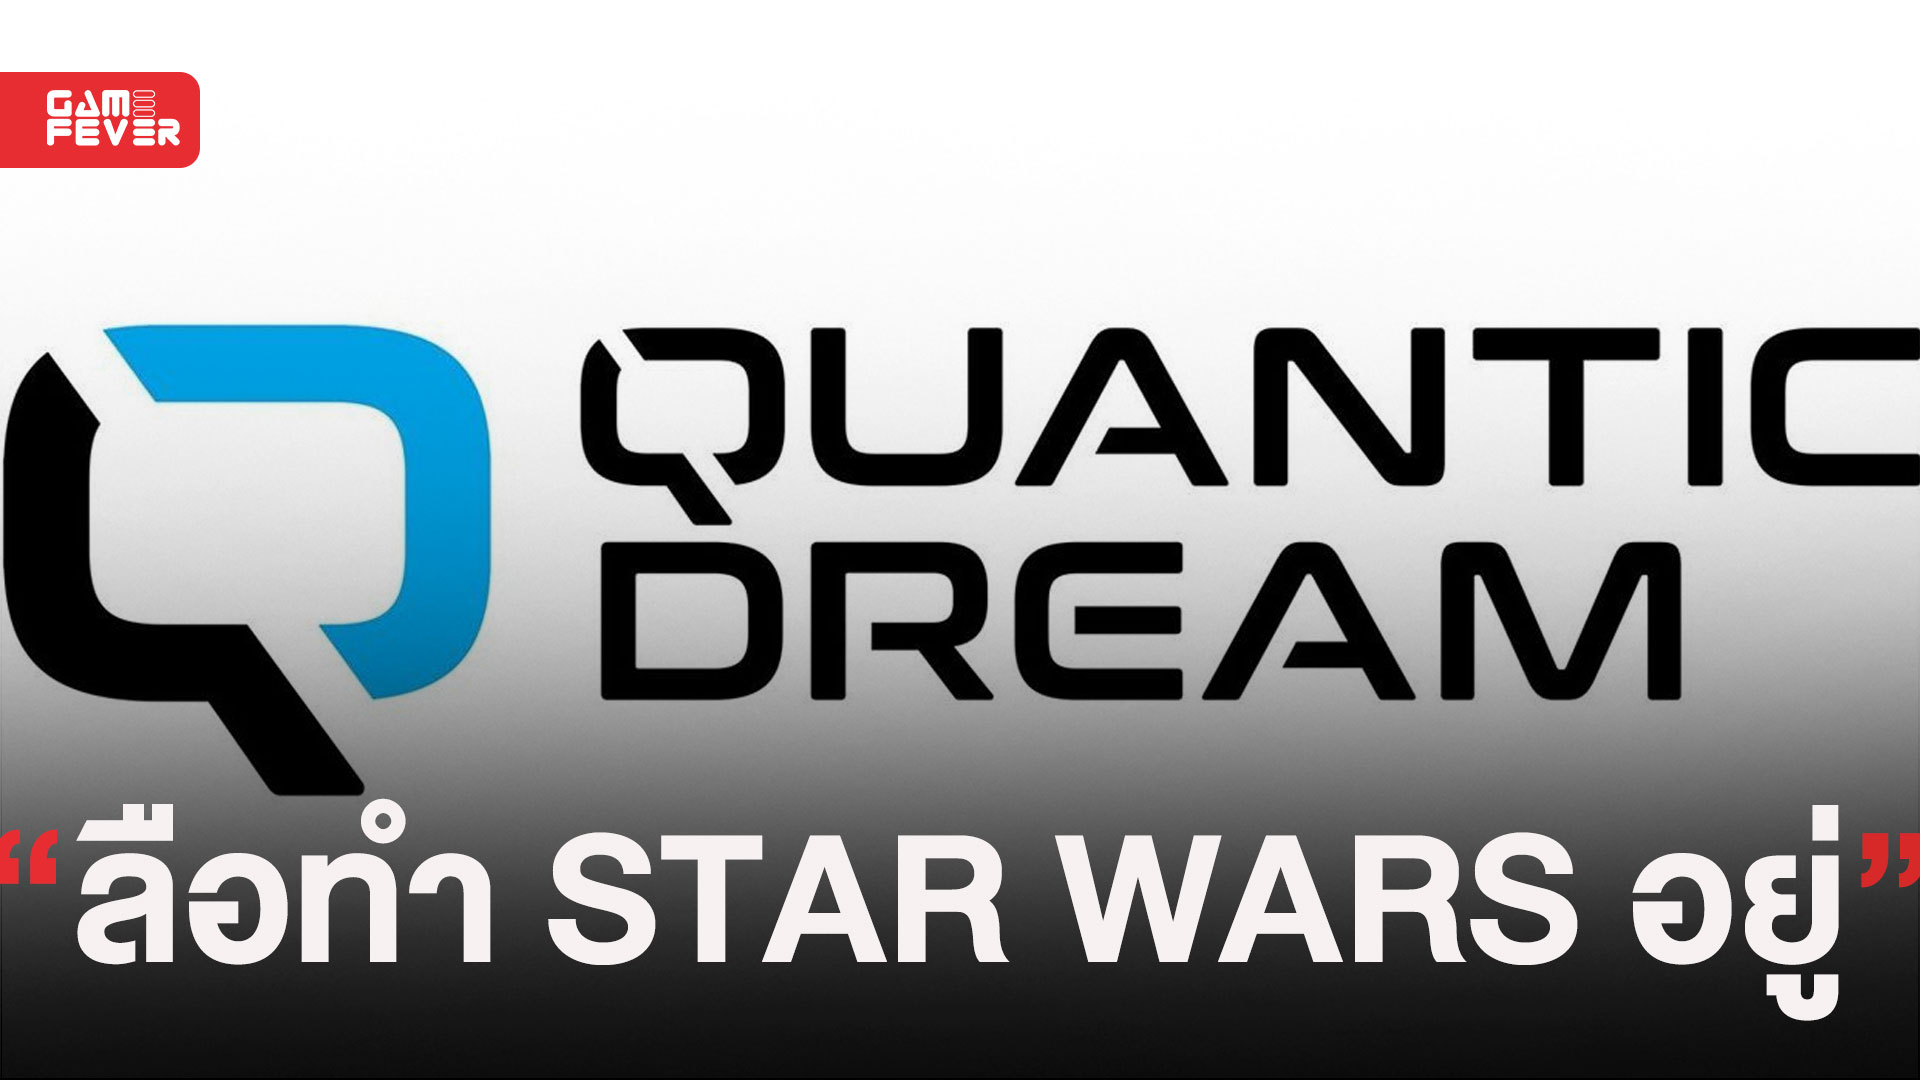 ข่าวลือ Quantic Dream อาจจะกำลังทำเกม Star Wars อยู่